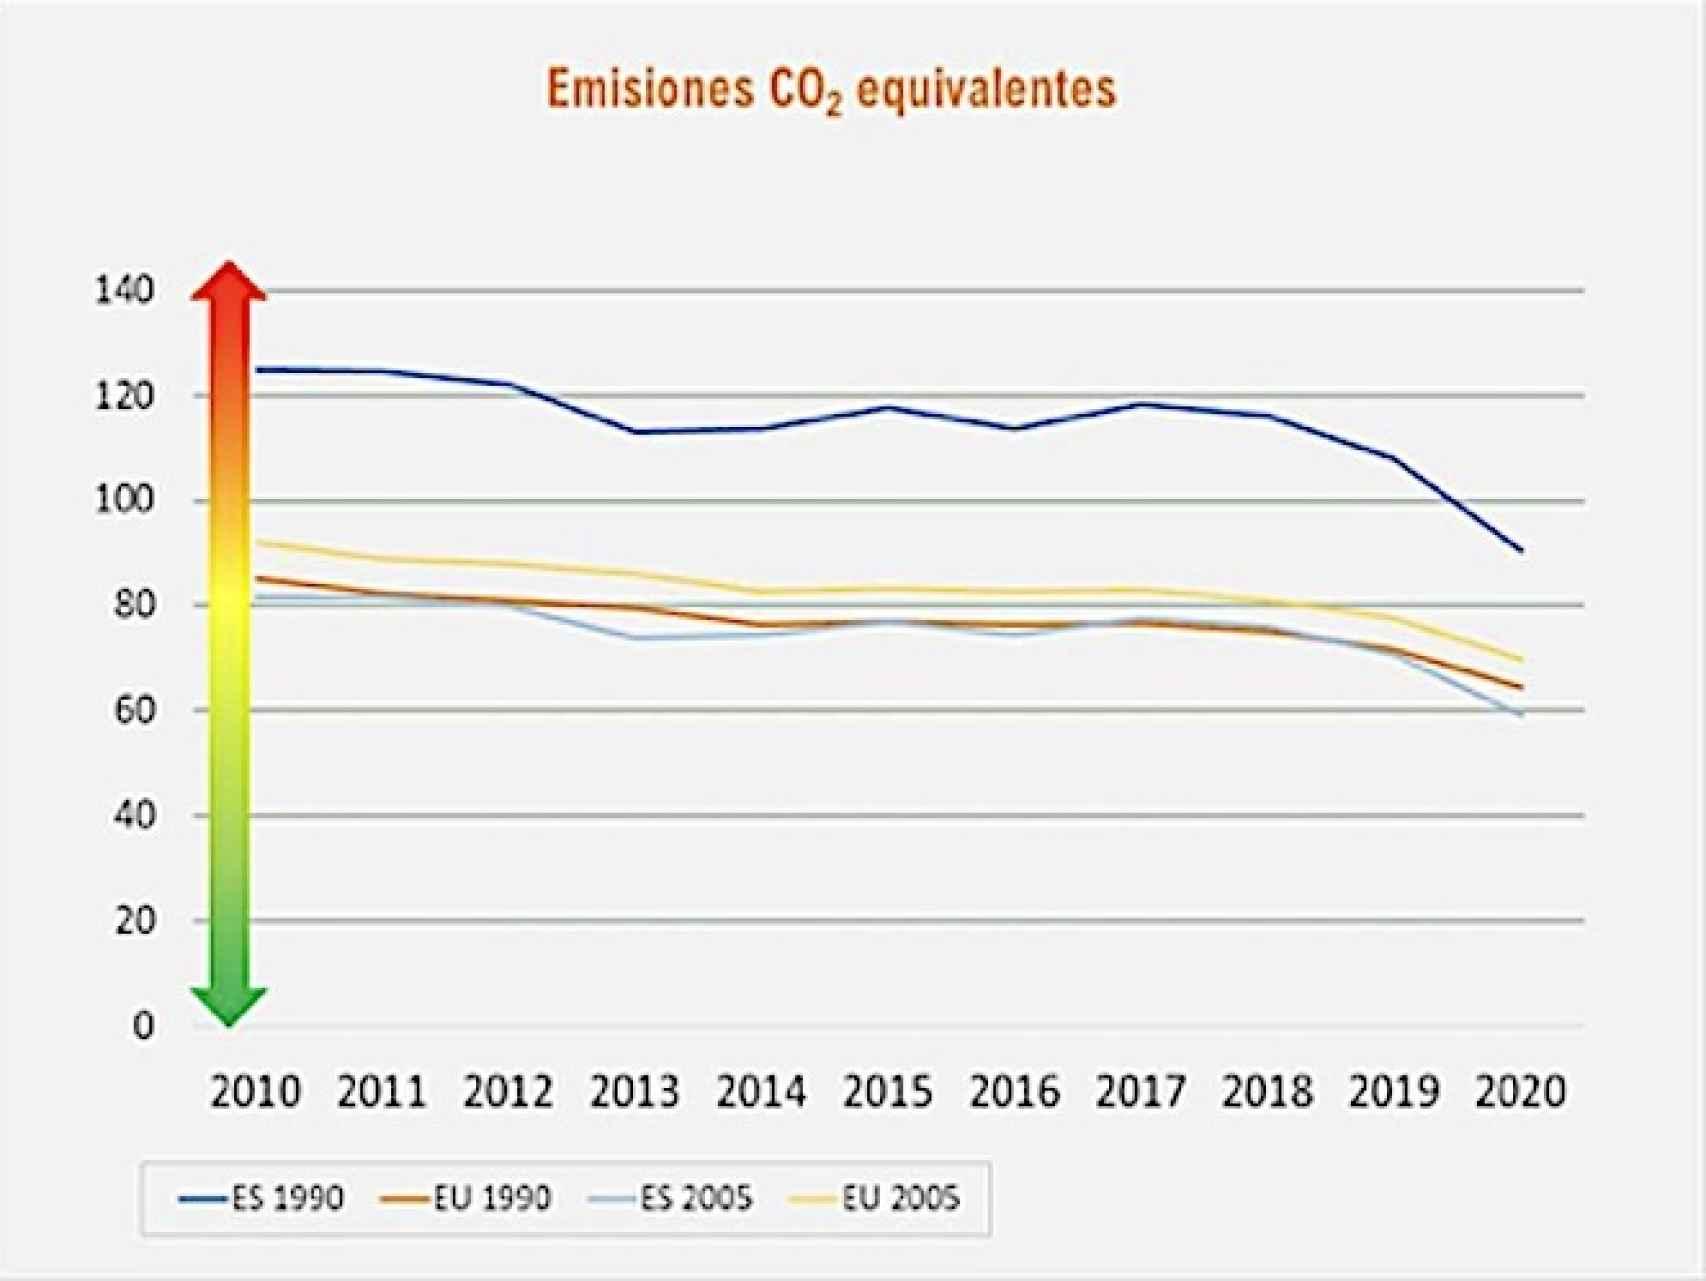 Emisiones de CO2 equivalentes